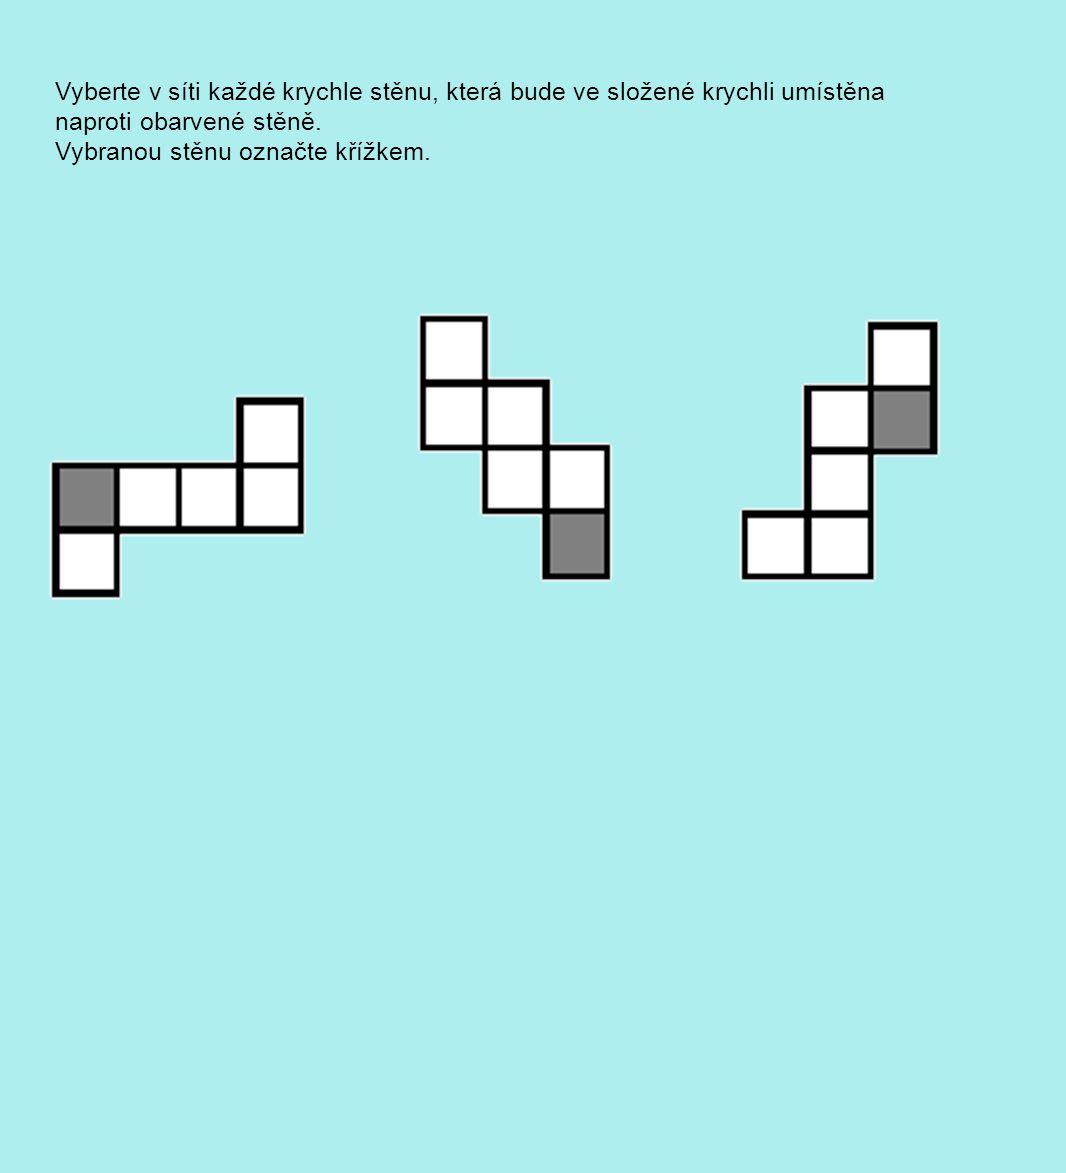 Vyberte v síti každé krychle stěnu, která bude ve složené krychli umístěna naproti obarvené stěně. Vybranou stěnu označte křížkem.